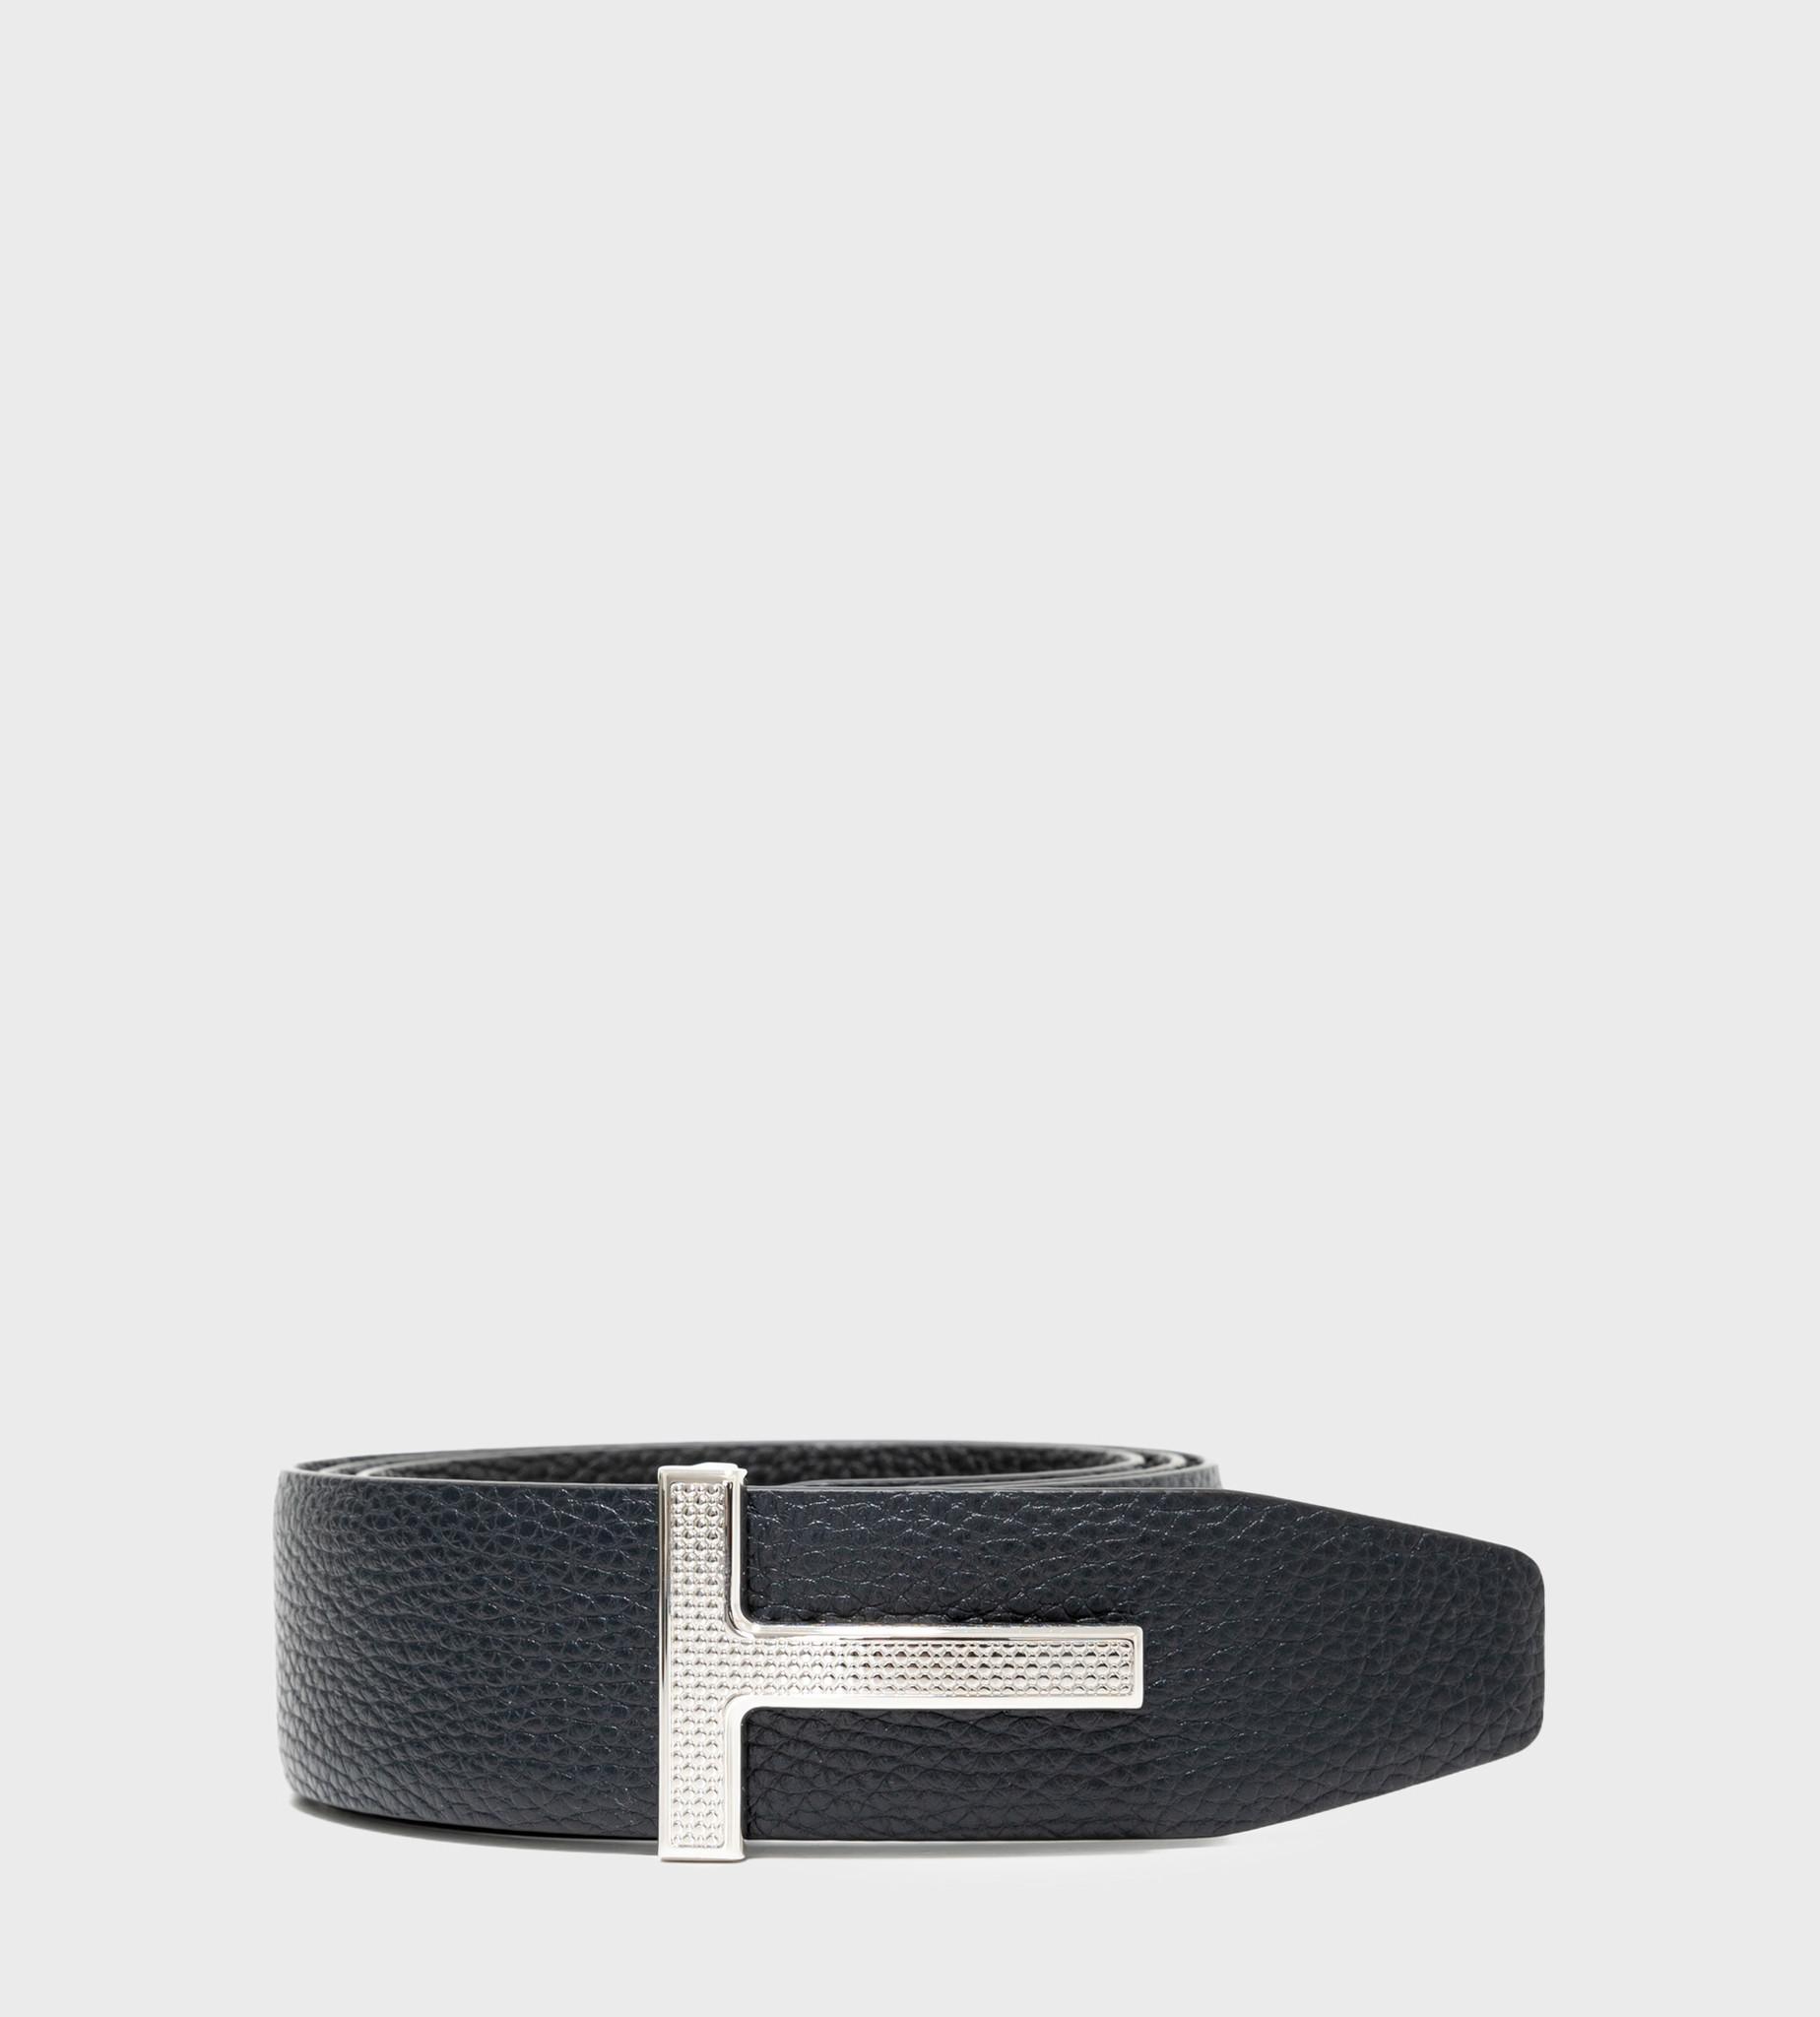 TOM FORD Reversible Full-Grain Leather Belt Navy Black